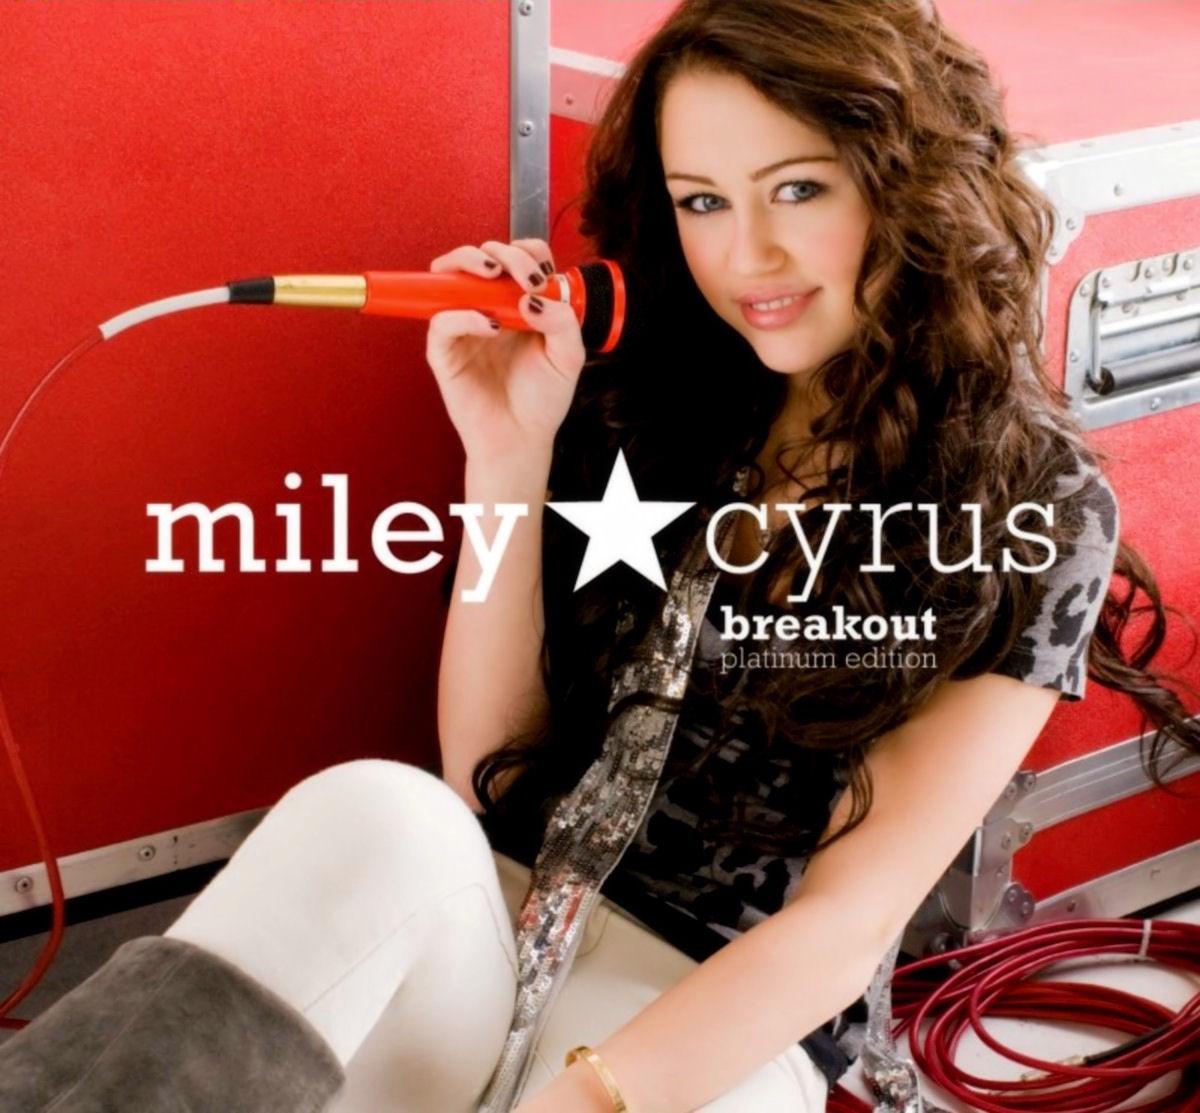 http://2.bp.blogspot.com/-Pn-qKhcXQ6Q/Tp7Jnie902I/AAAAAAAAAqc/H93zJ9DX_lM/s1600/miley-cyrus-Wallpapers.jpg